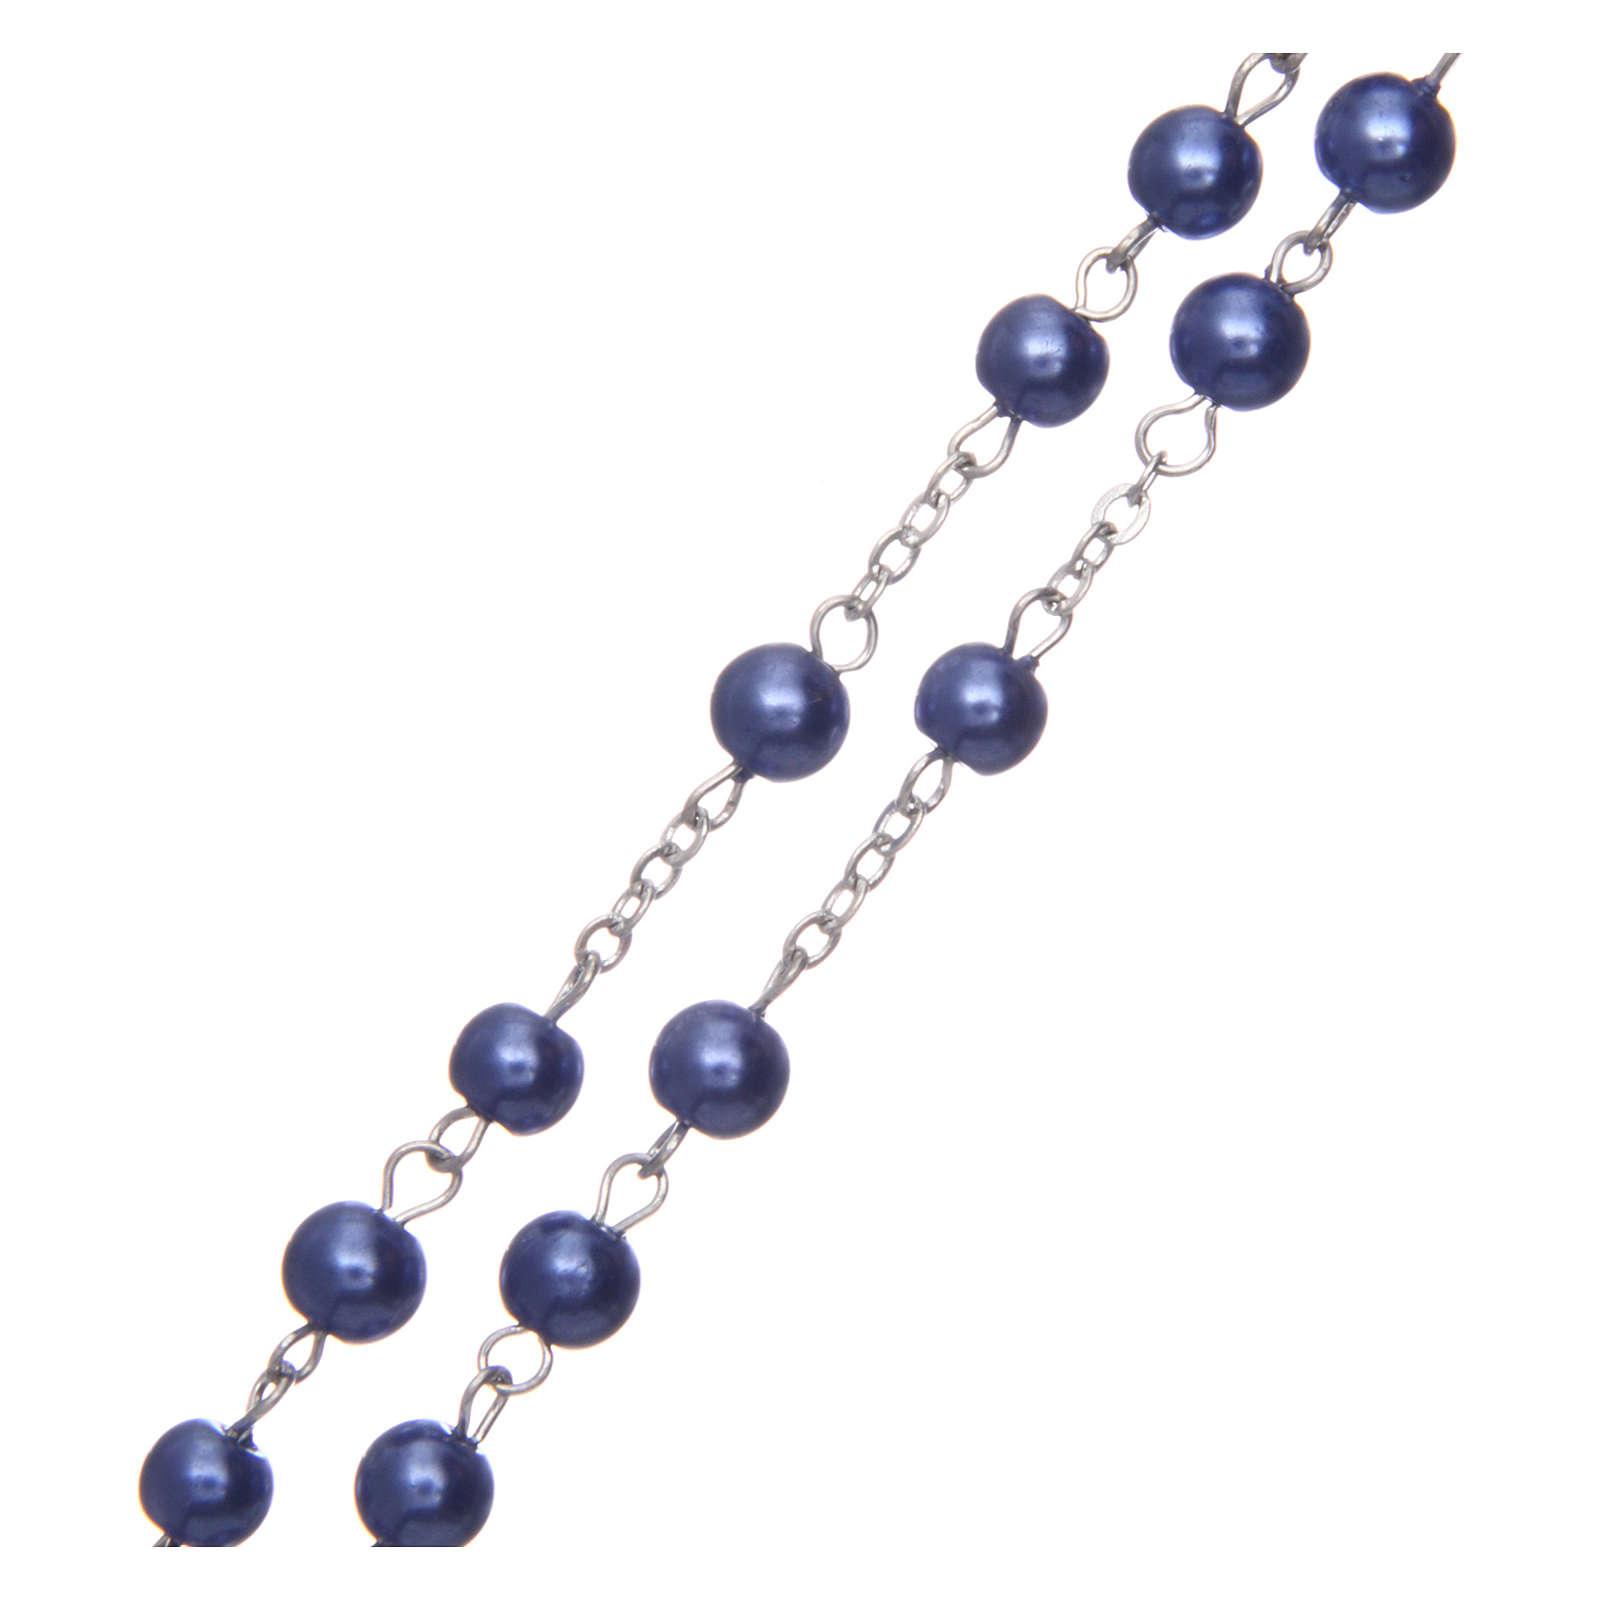 Rosario simil perla redondo violeta 5 mm cruz esmaltada 4